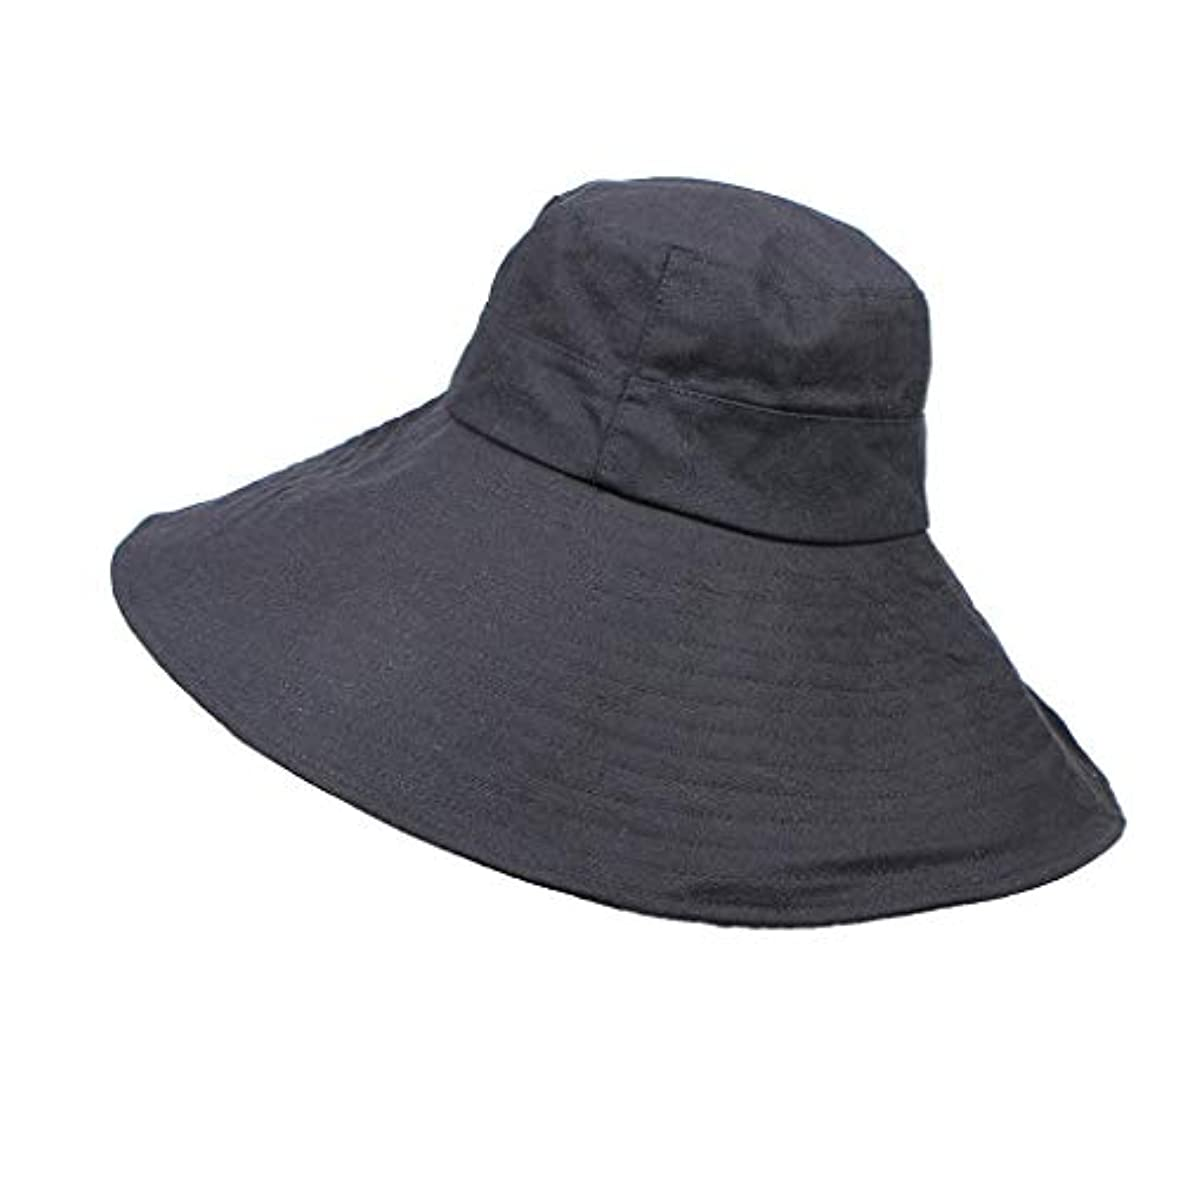 帽子 ハット 女性の春と夏の帽子折りたたみワイドつばフロッピーキャップ日漁師の帽子